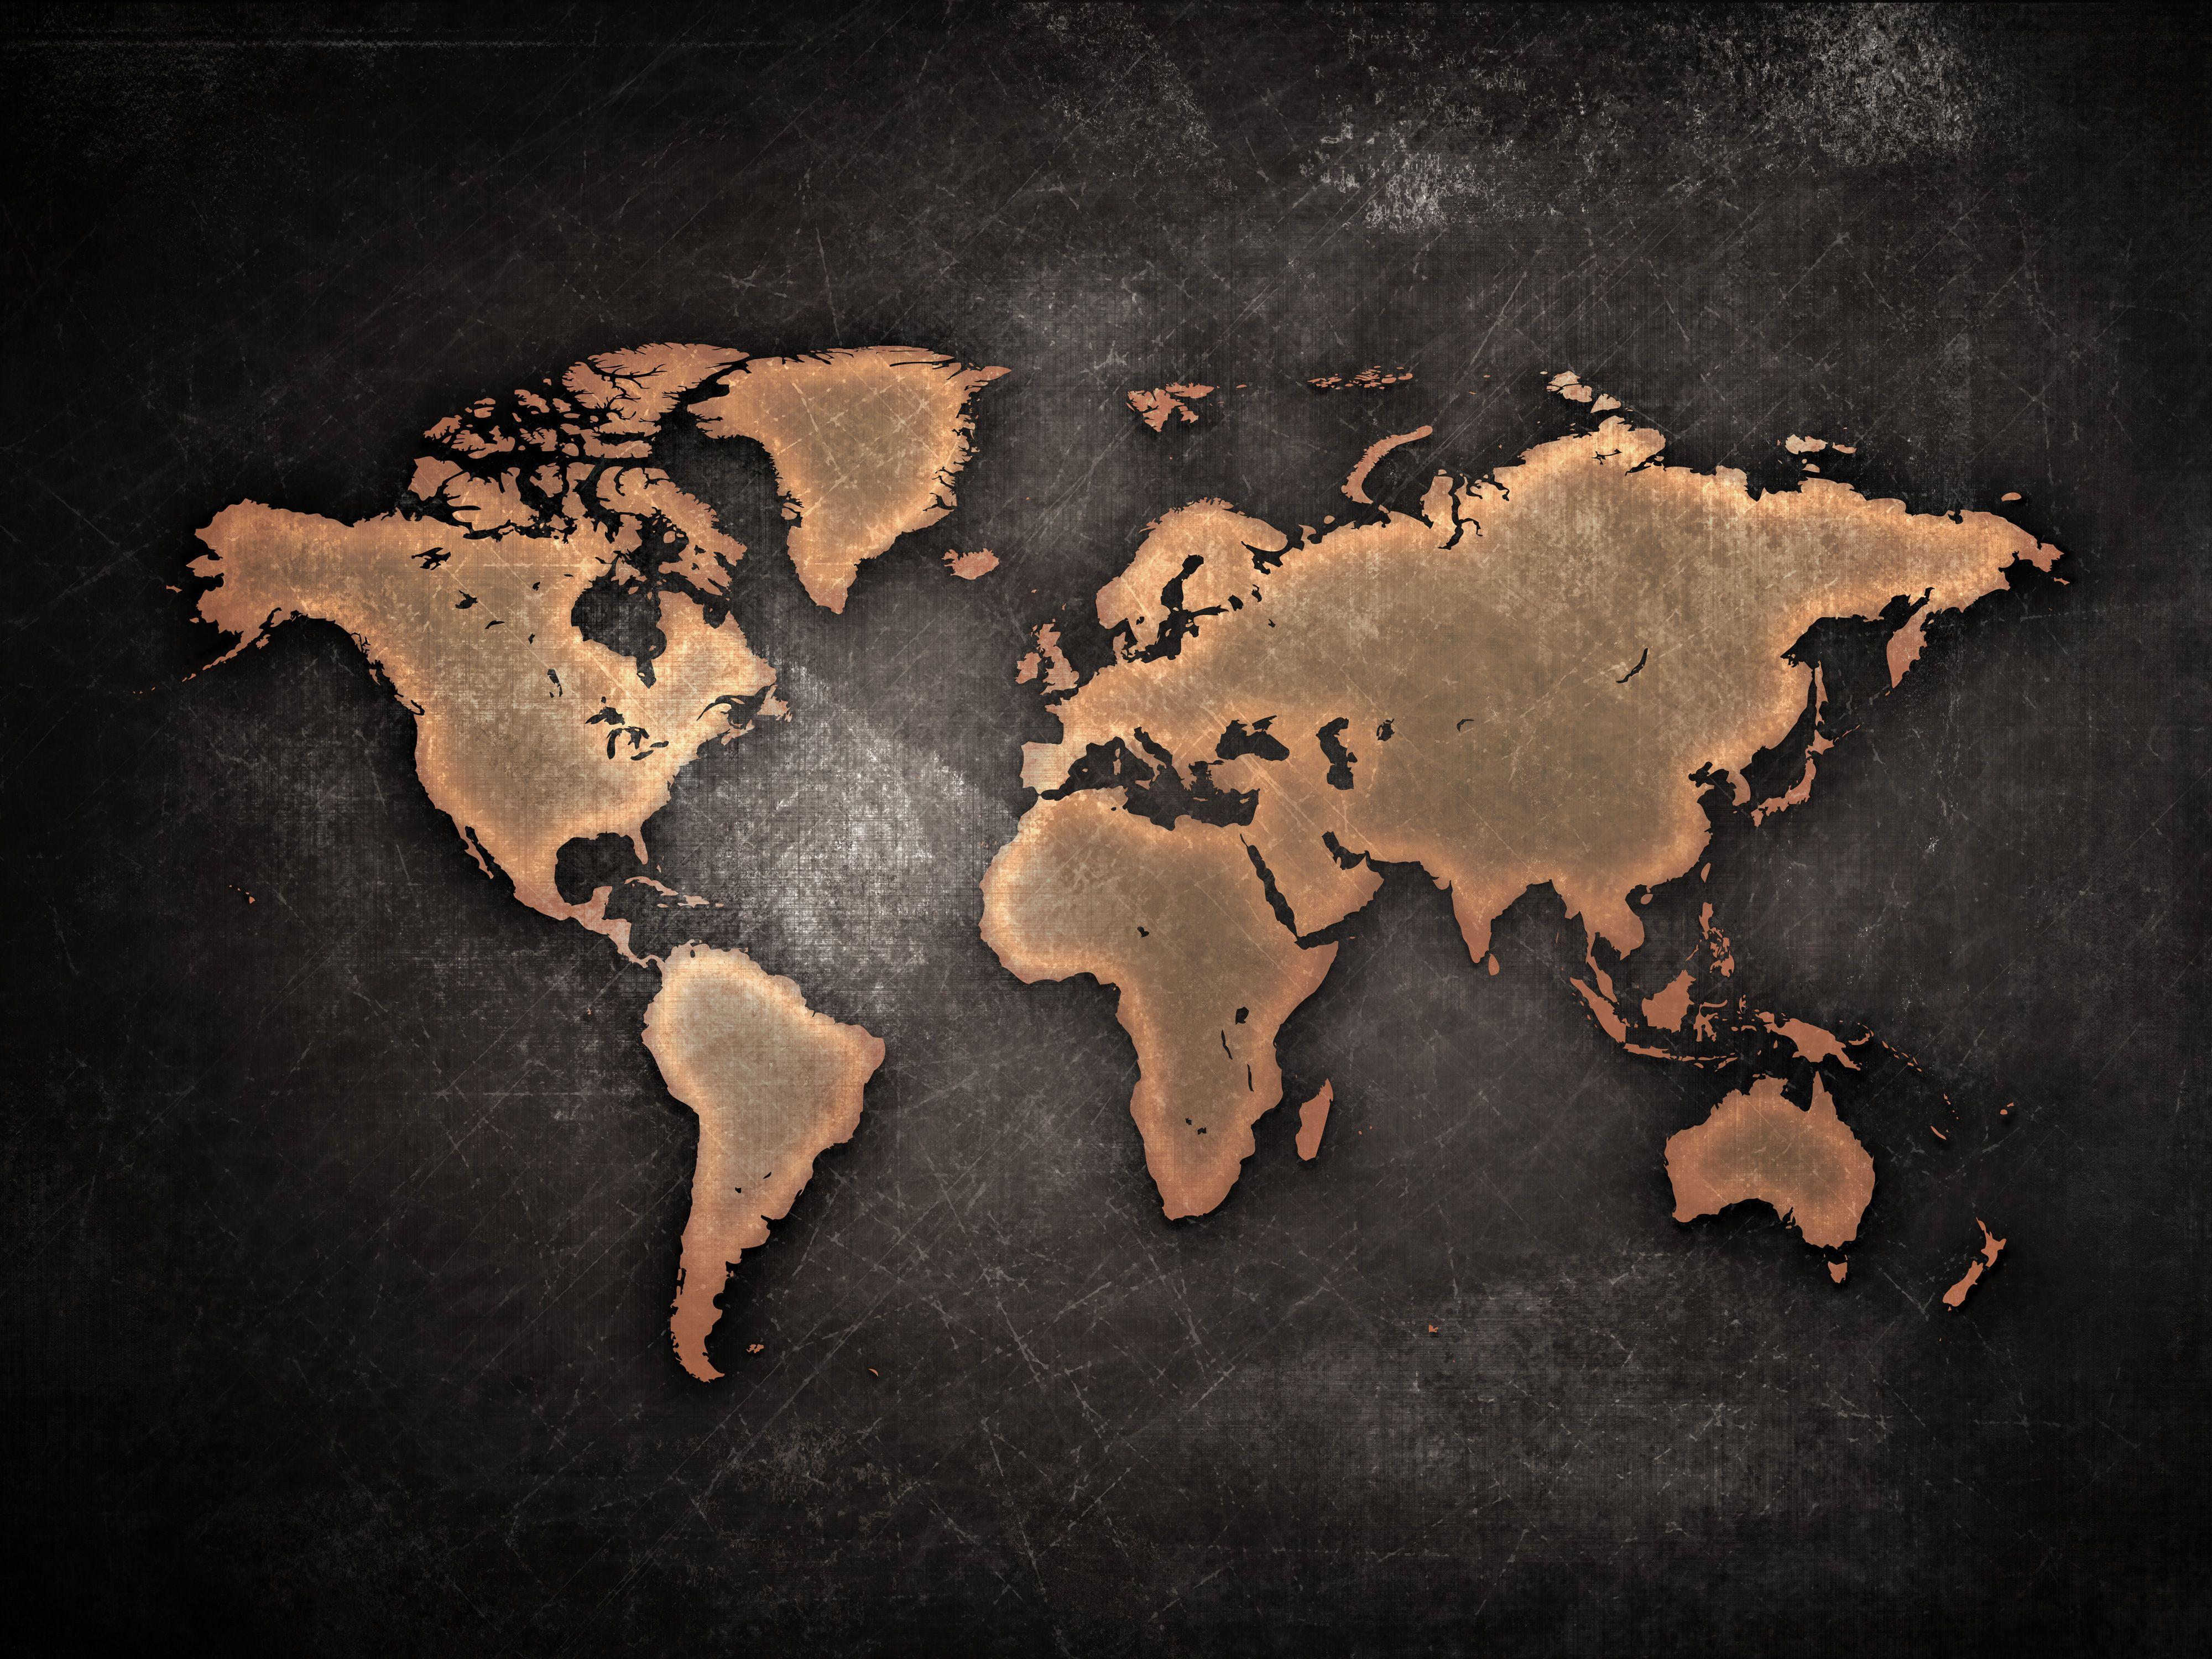 Hình nền bản đồ thế giới 4K Ultra HD 4000x3000